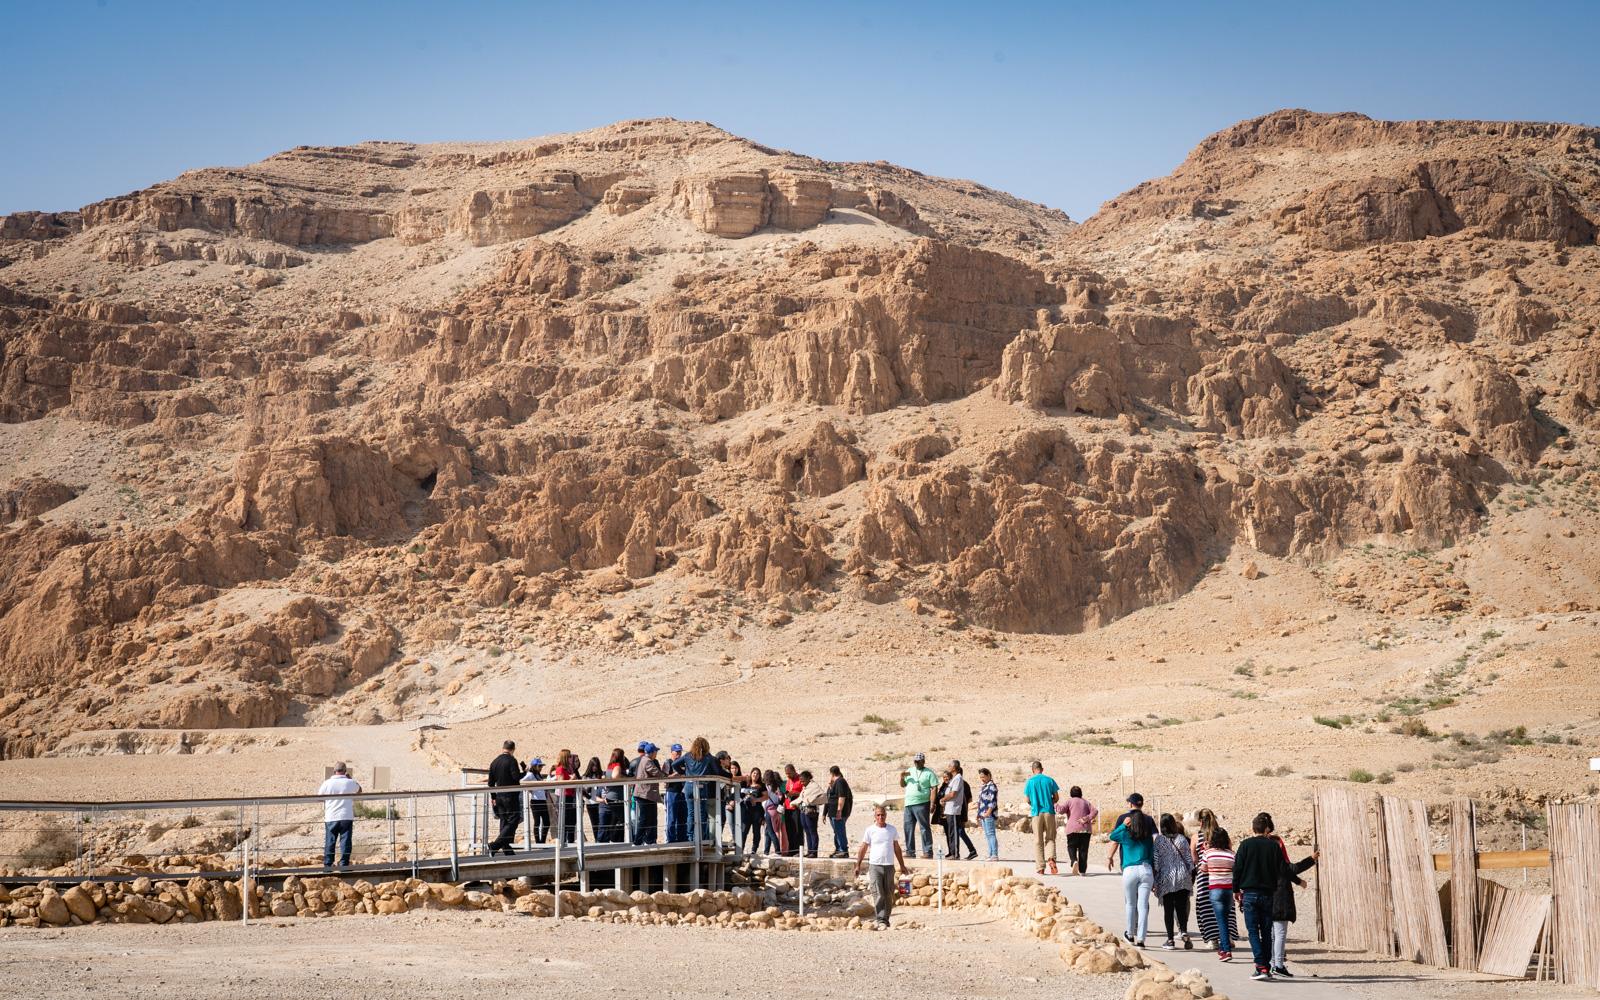 Visiteurs sur le site archéologique de Qumran, le 22 janvier 2019. (Luc Tress/Times of Israel)